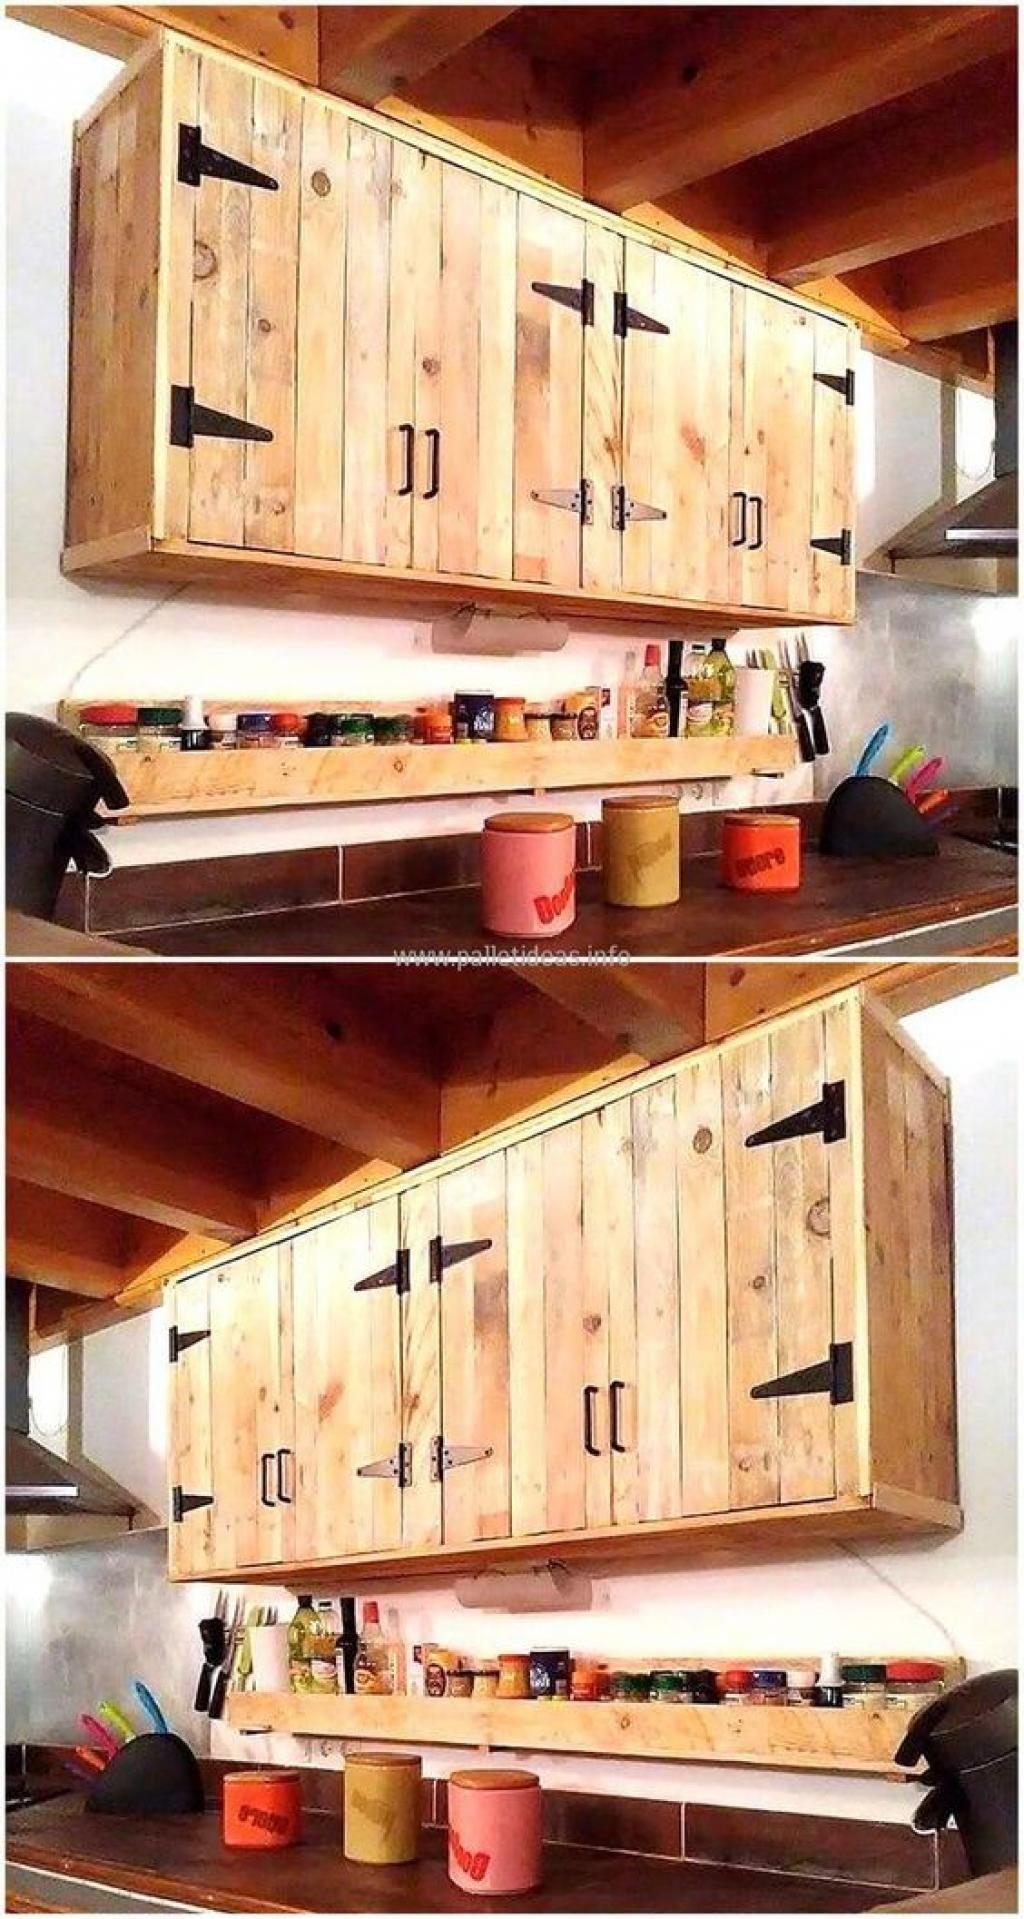 15 Transformations De Cuisine Faites En Bois De Palettes Ilot Comptoir Et Portes D Armoires Rust In 2020 Rustic Kitchen Cabinets Diy Kitchen Cabinets Pallet Kitchen